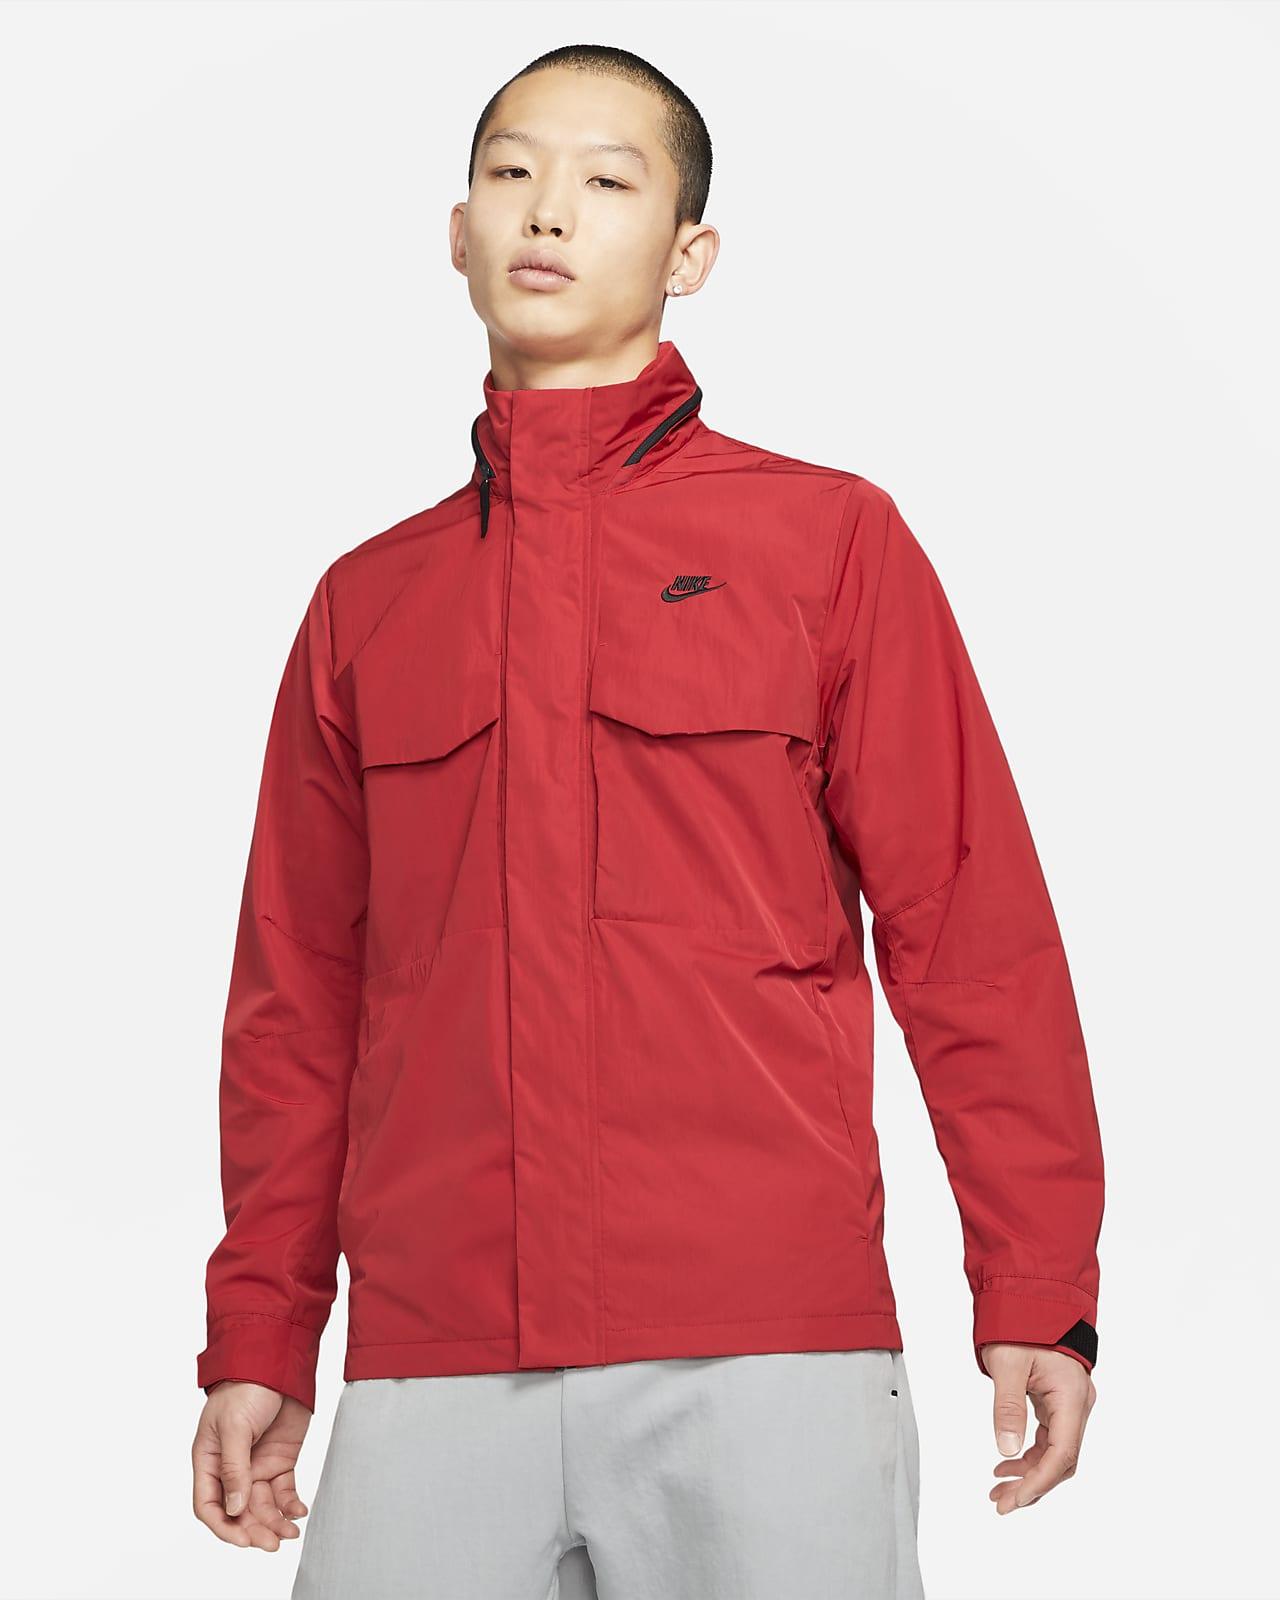 Nike Sportswear M65 男子连帽夹克